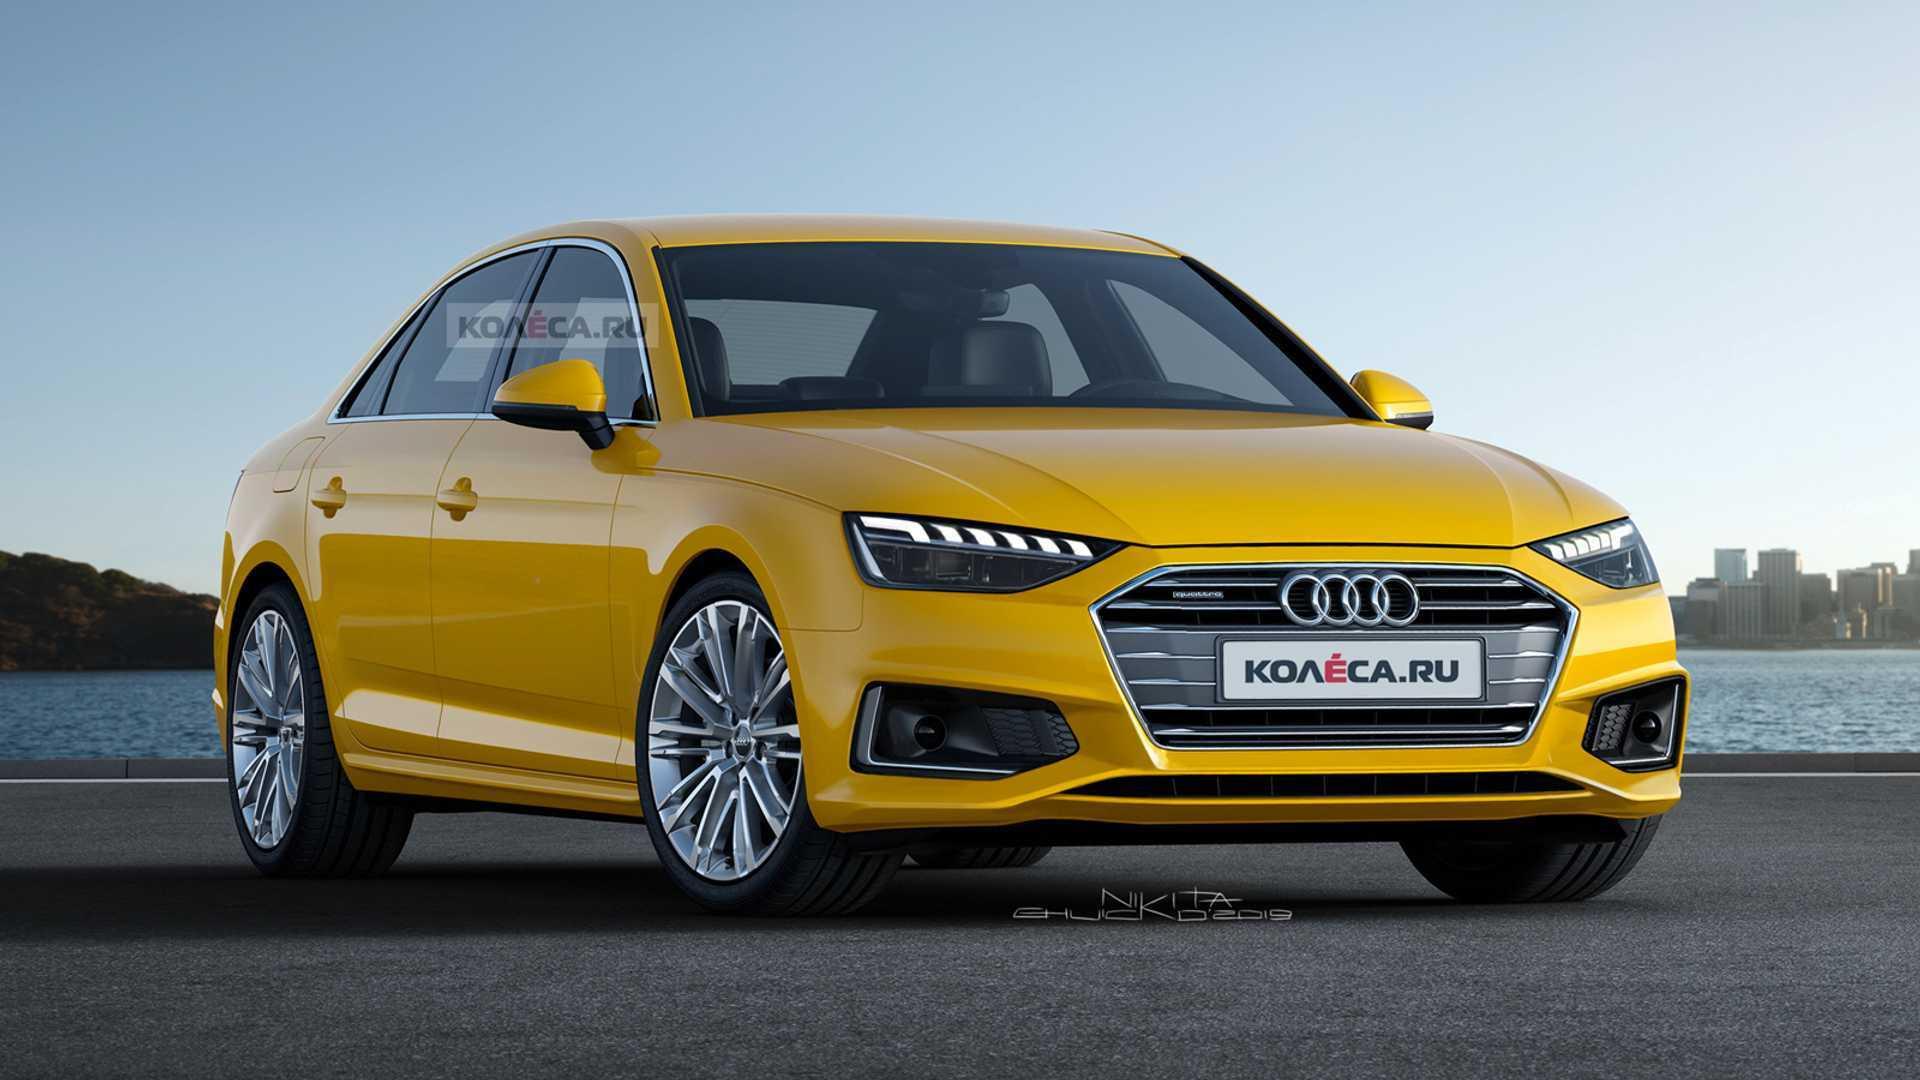 Kelebihan Audi A4 2020 Perbandingan Harga